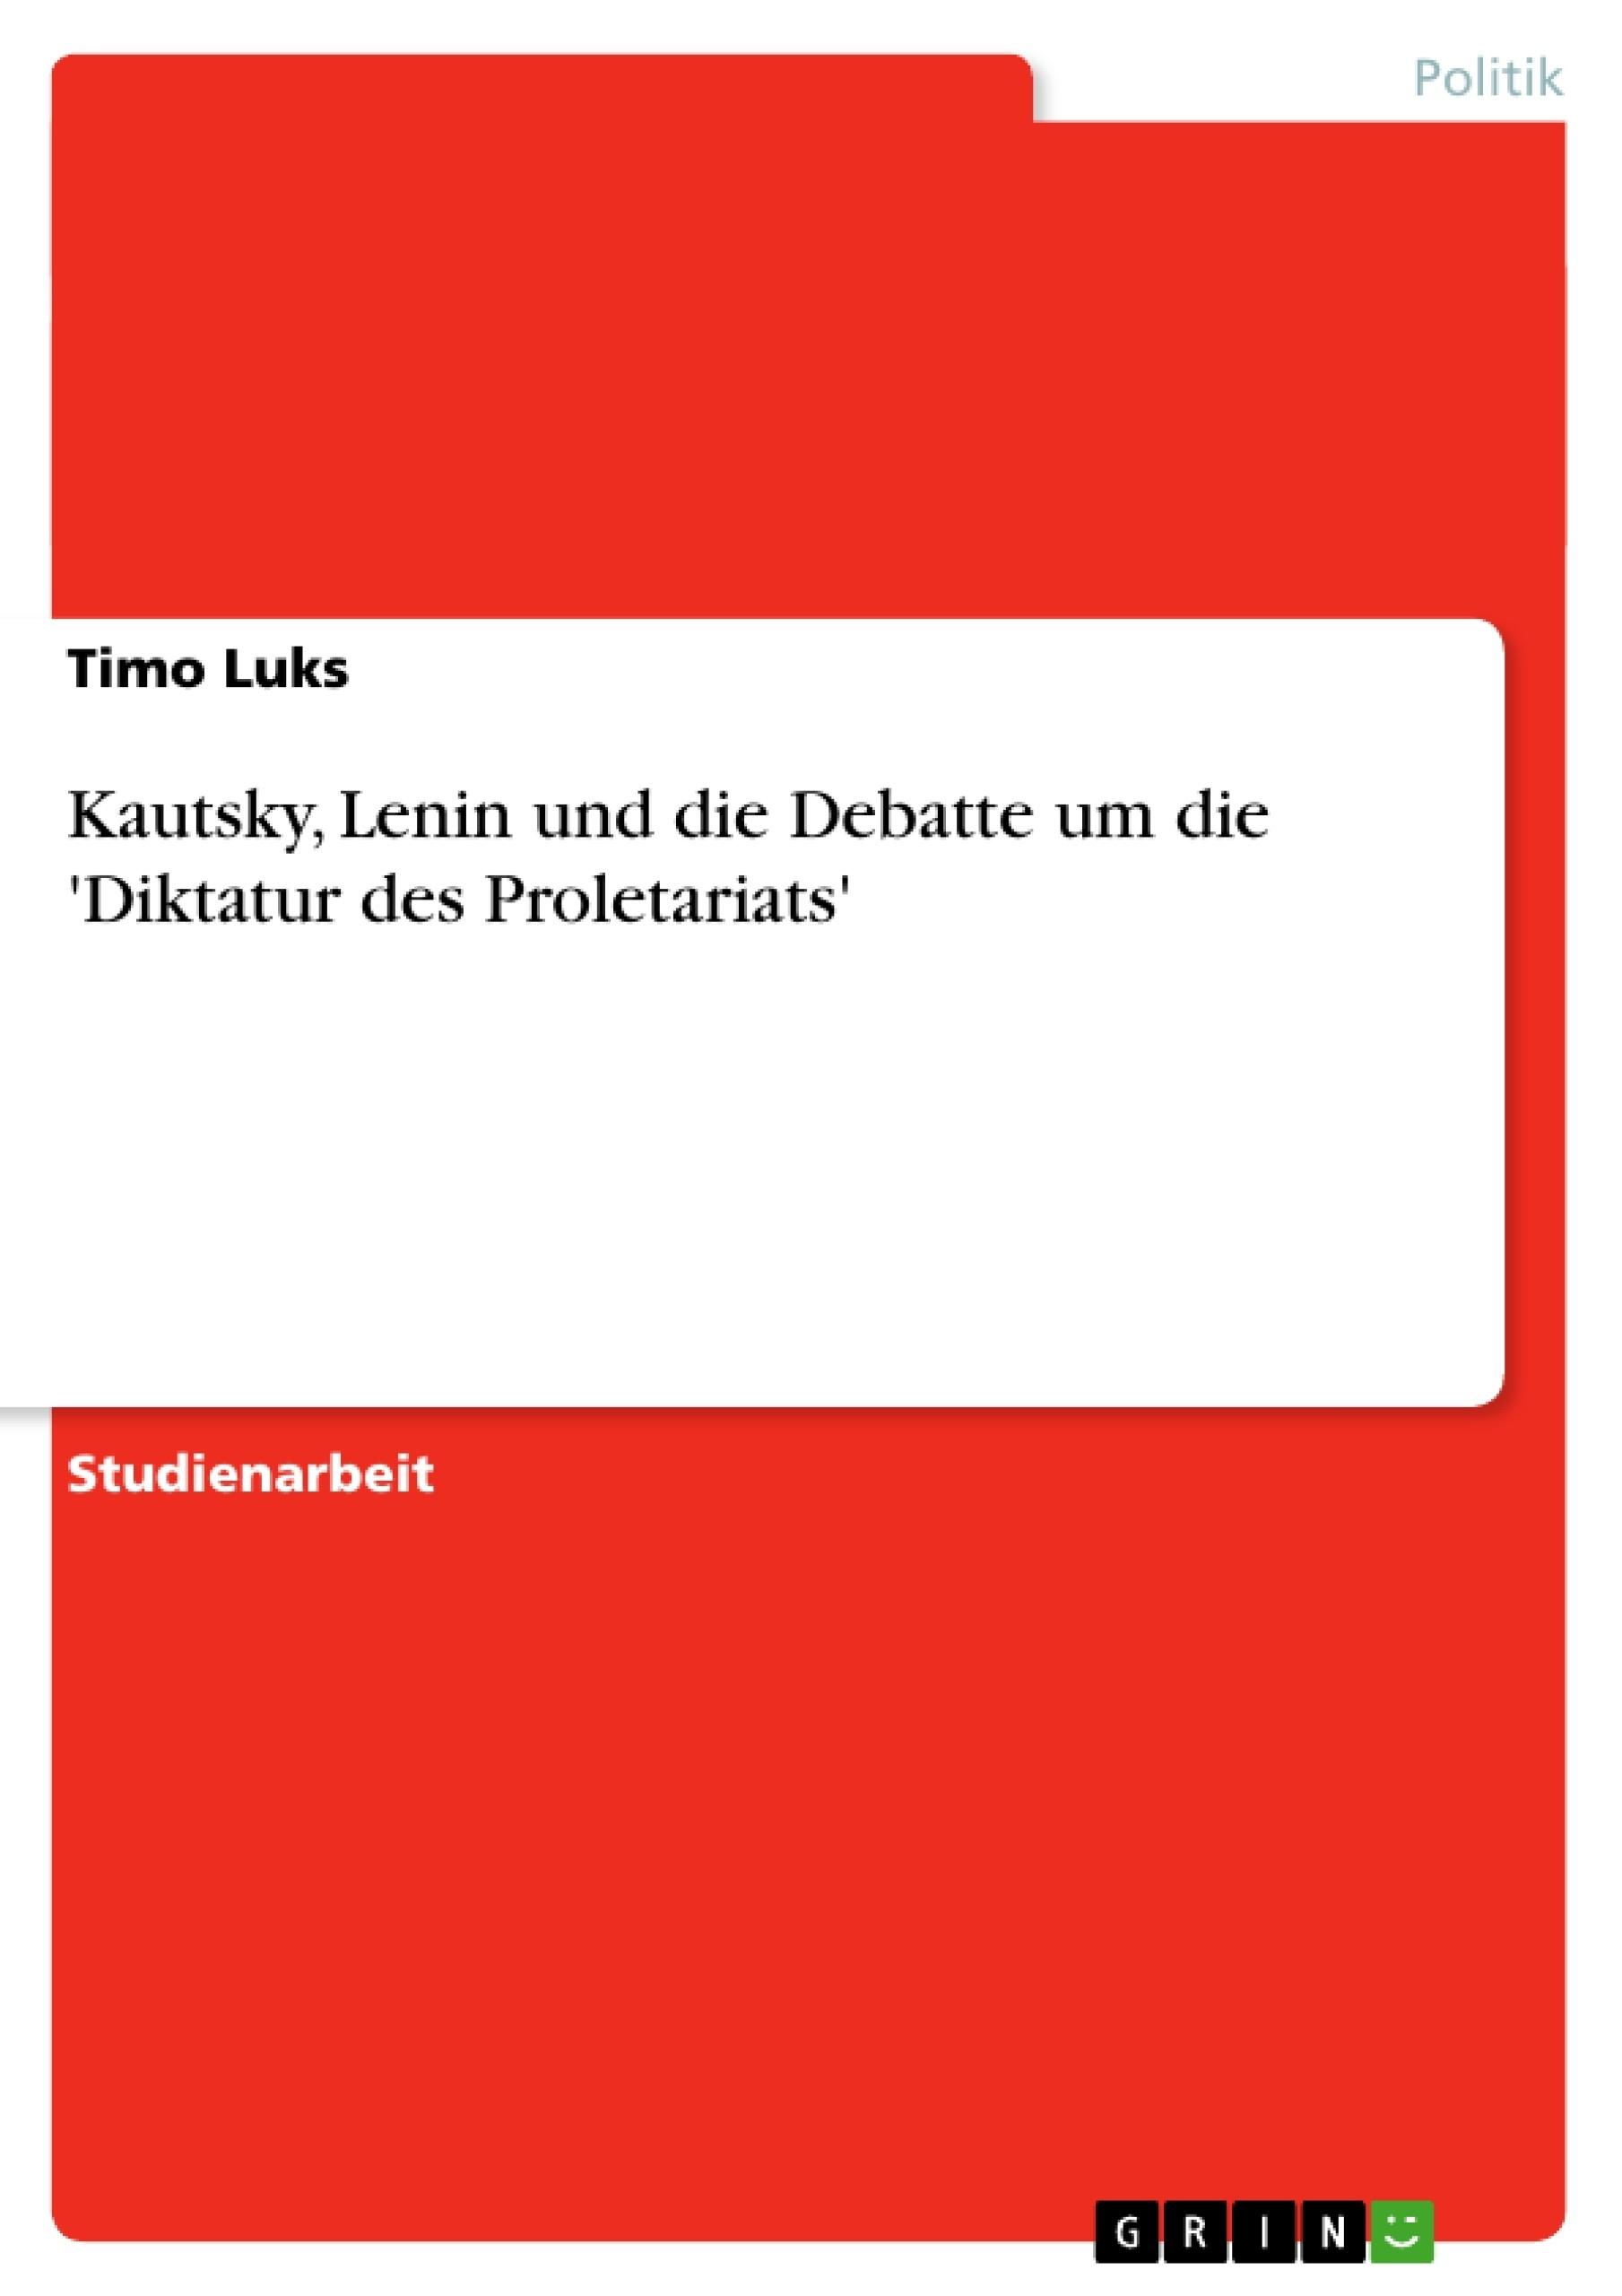 Titel: Kautsky, Lenin und die Debatte um die 'Diktatur des Proletariats'